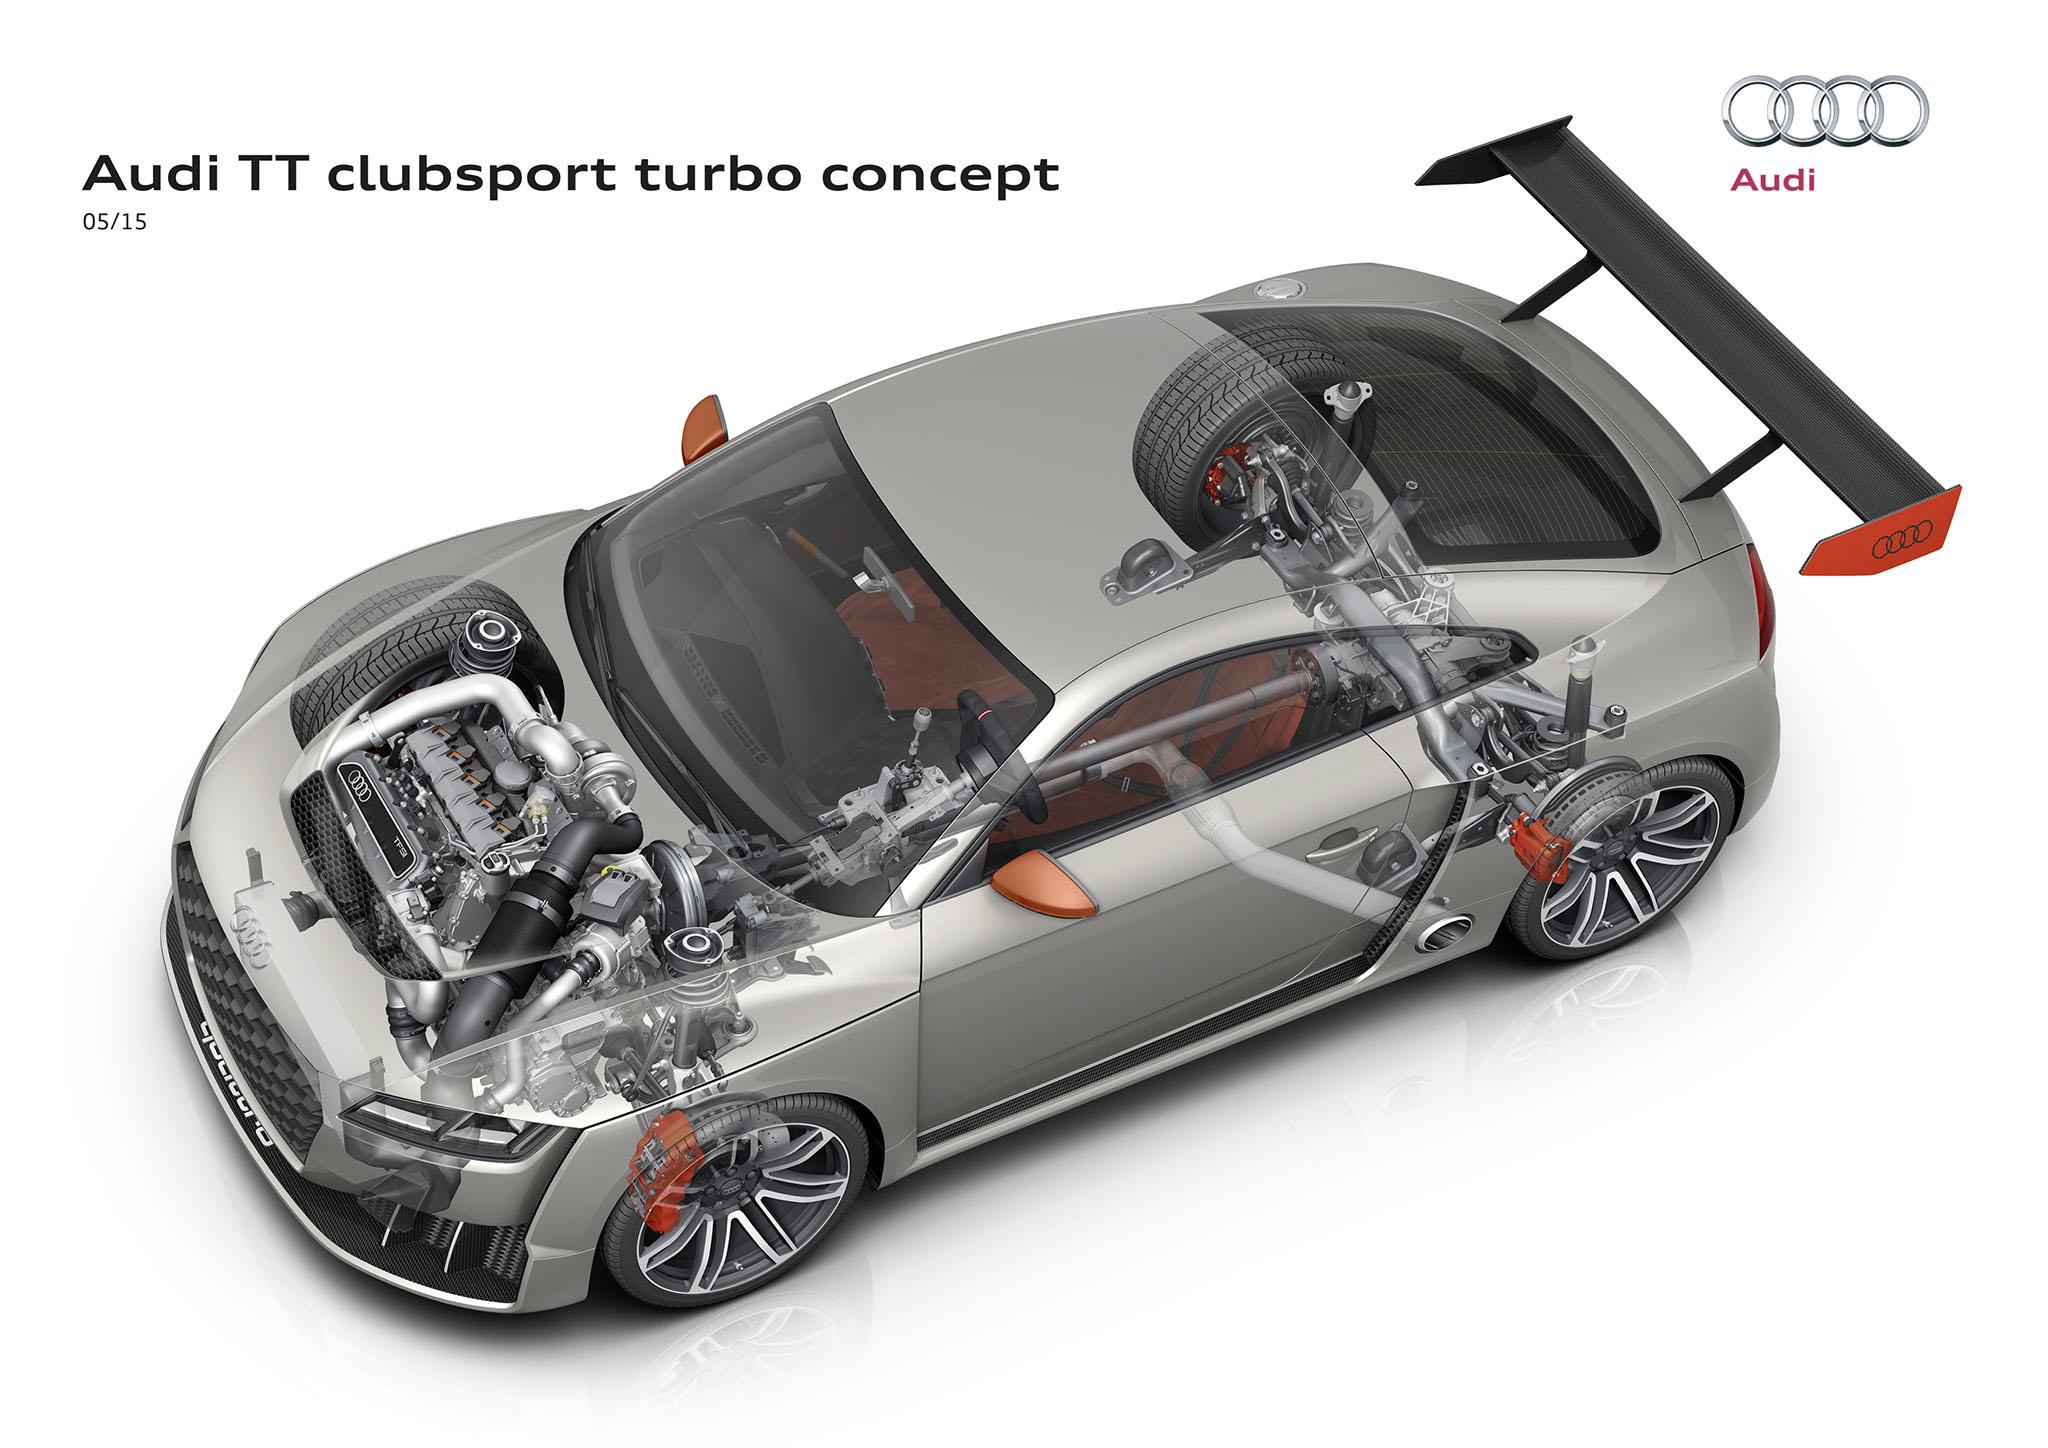 AudiTTclubsportturbo 01